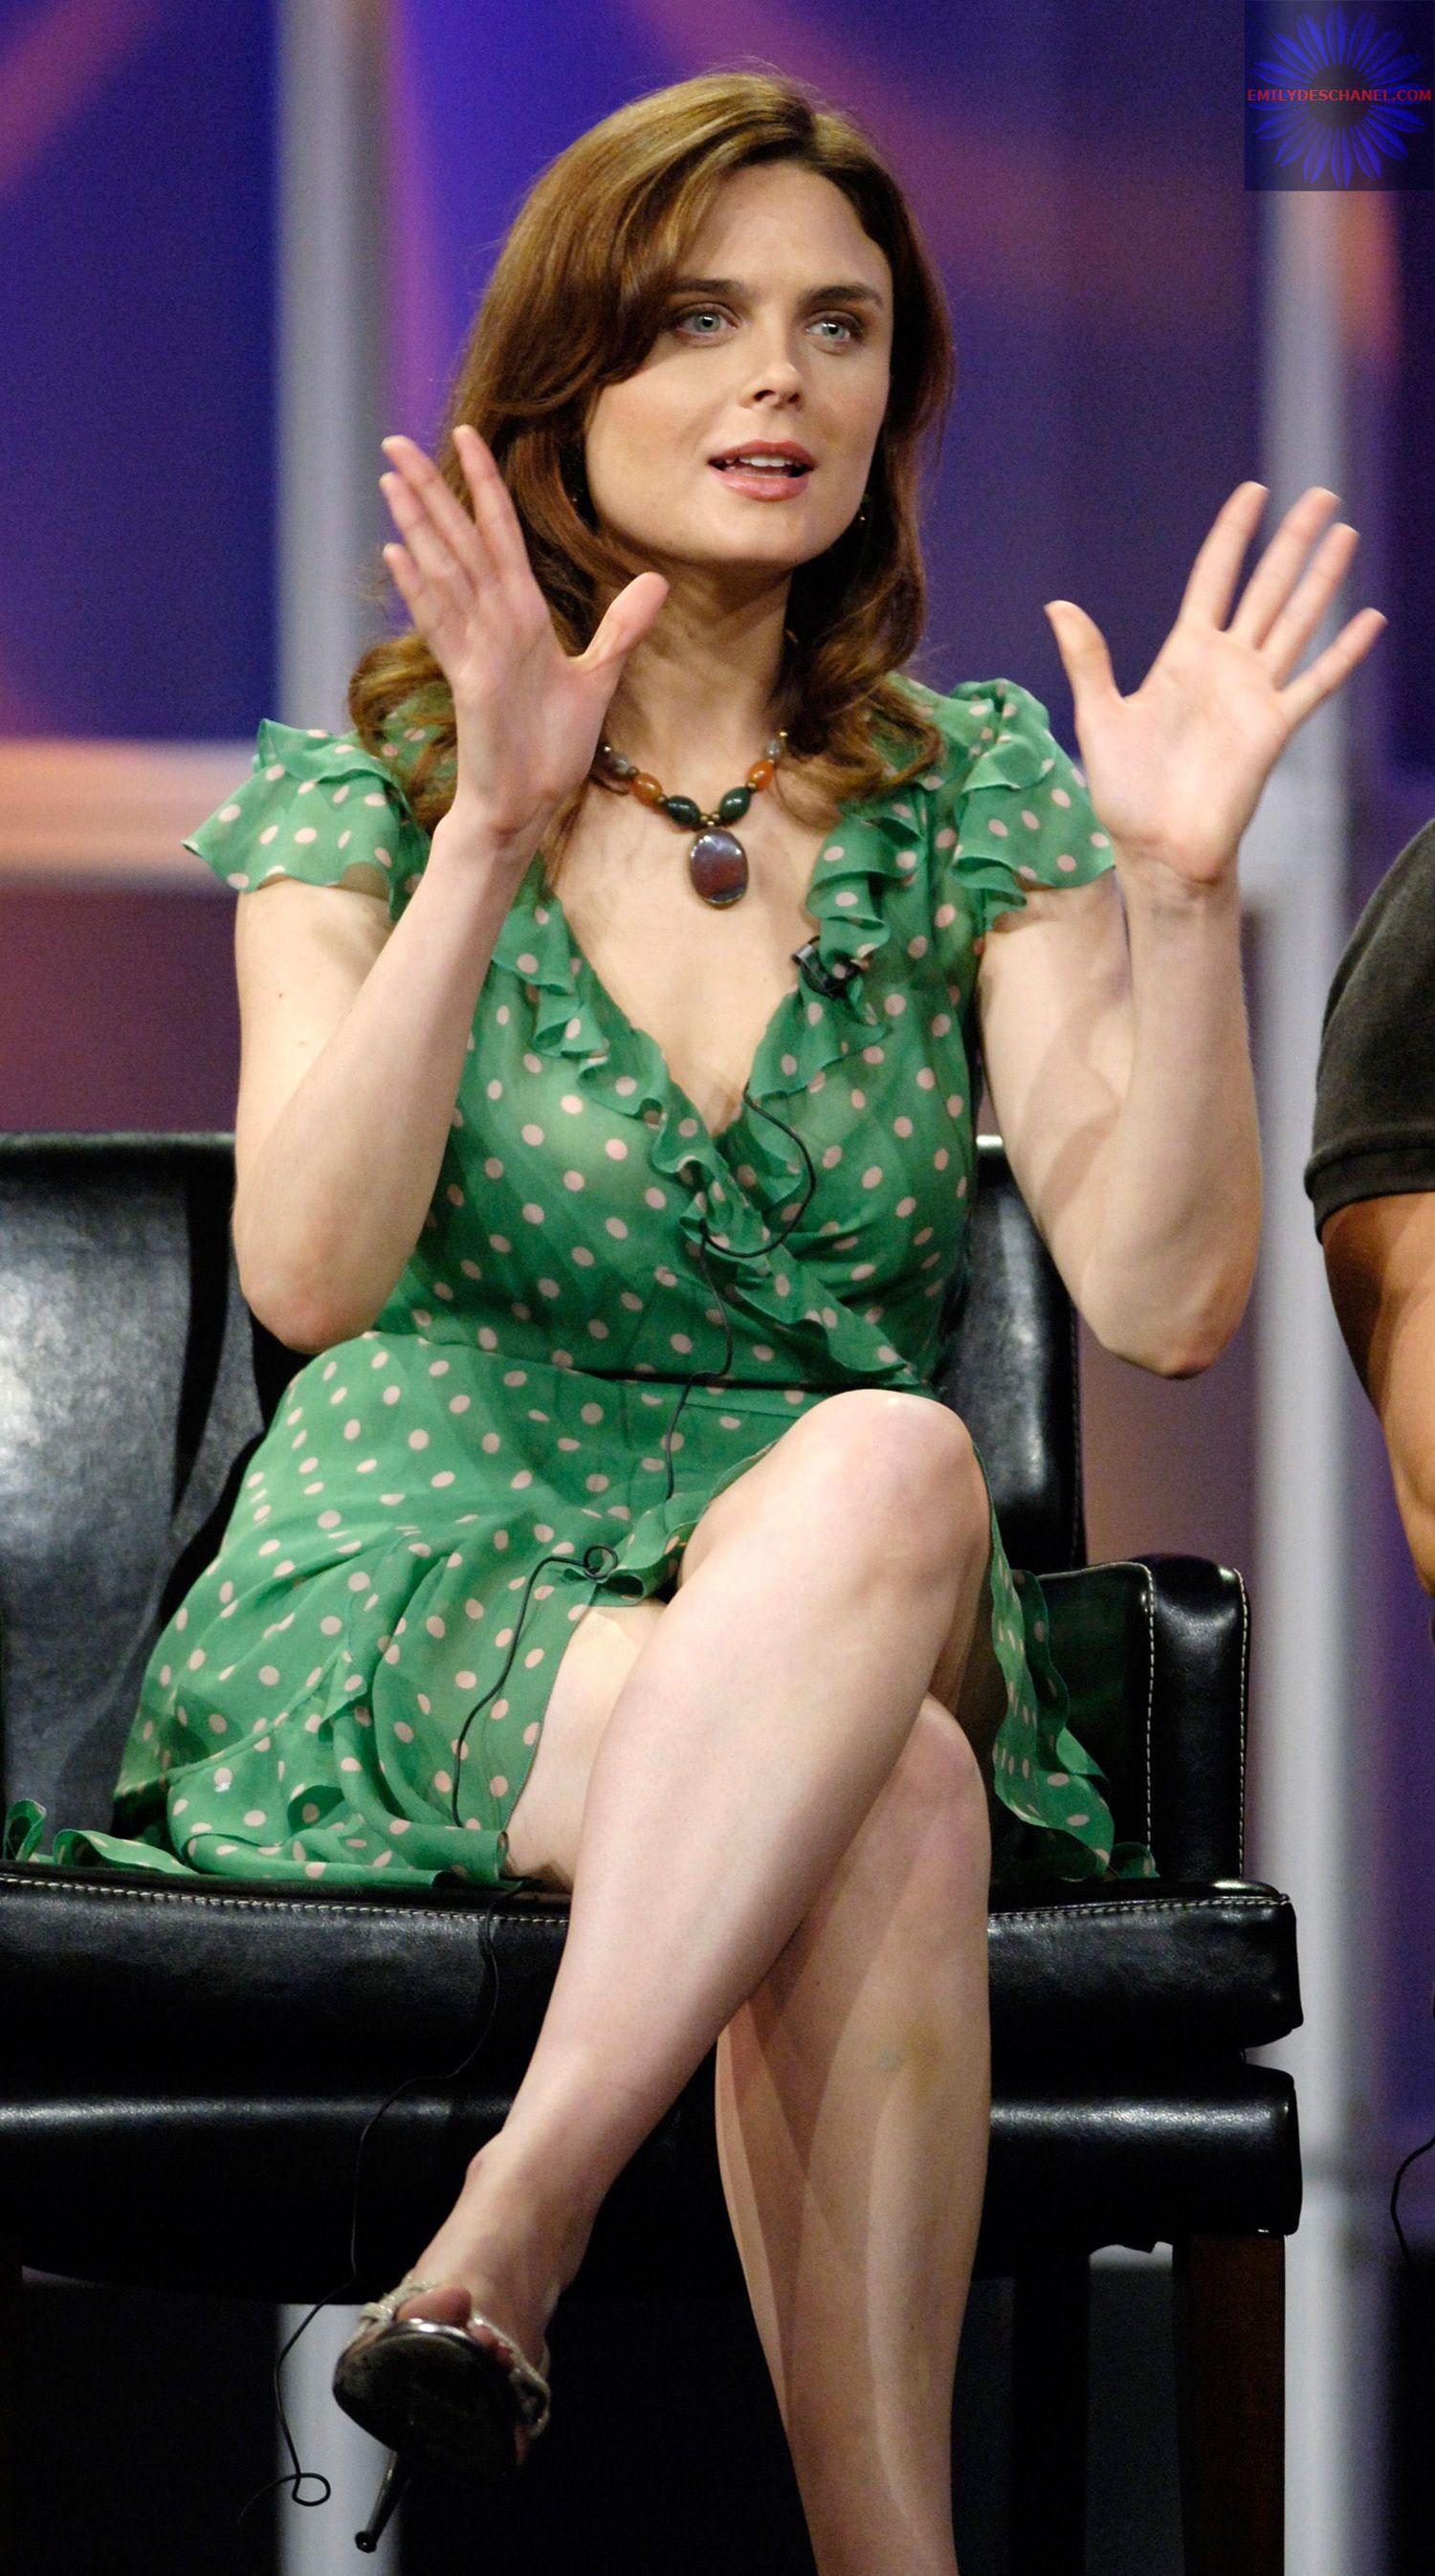 You will Emily deschanel feet and legs